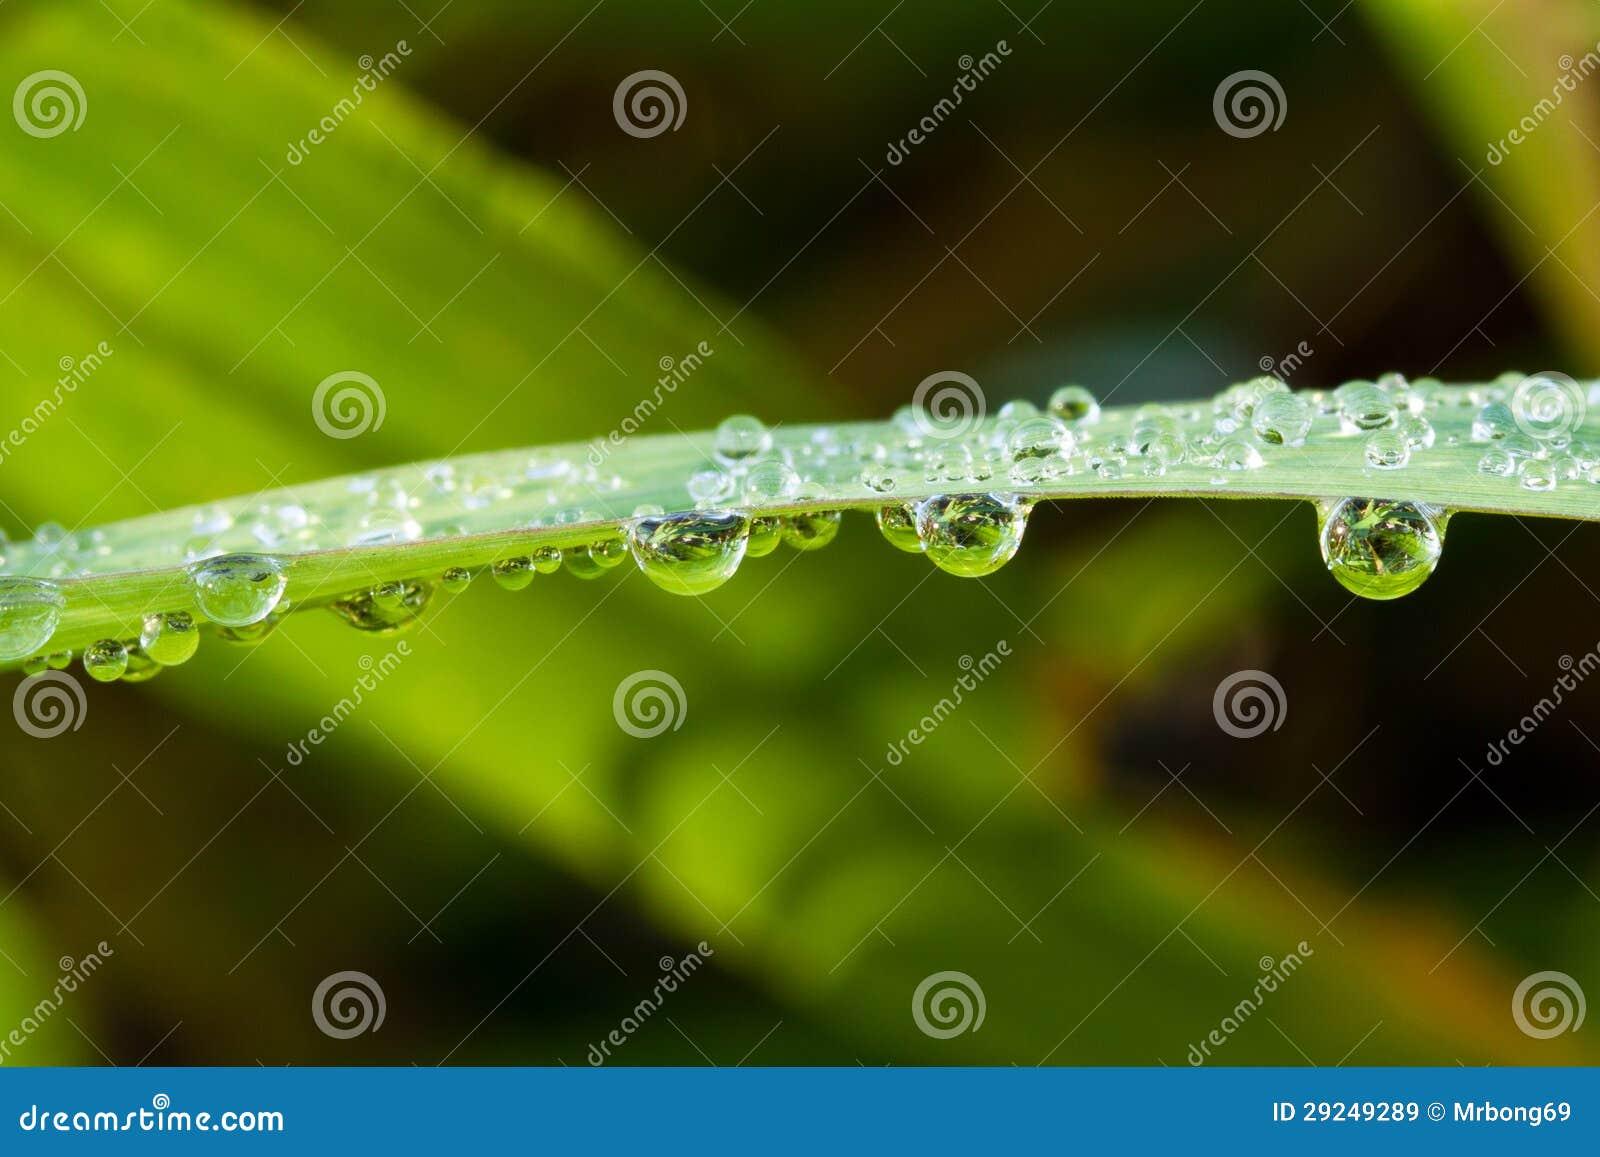 Download Gota imagem de stock. Imagem de frio, folha, planta, verde - 29249289